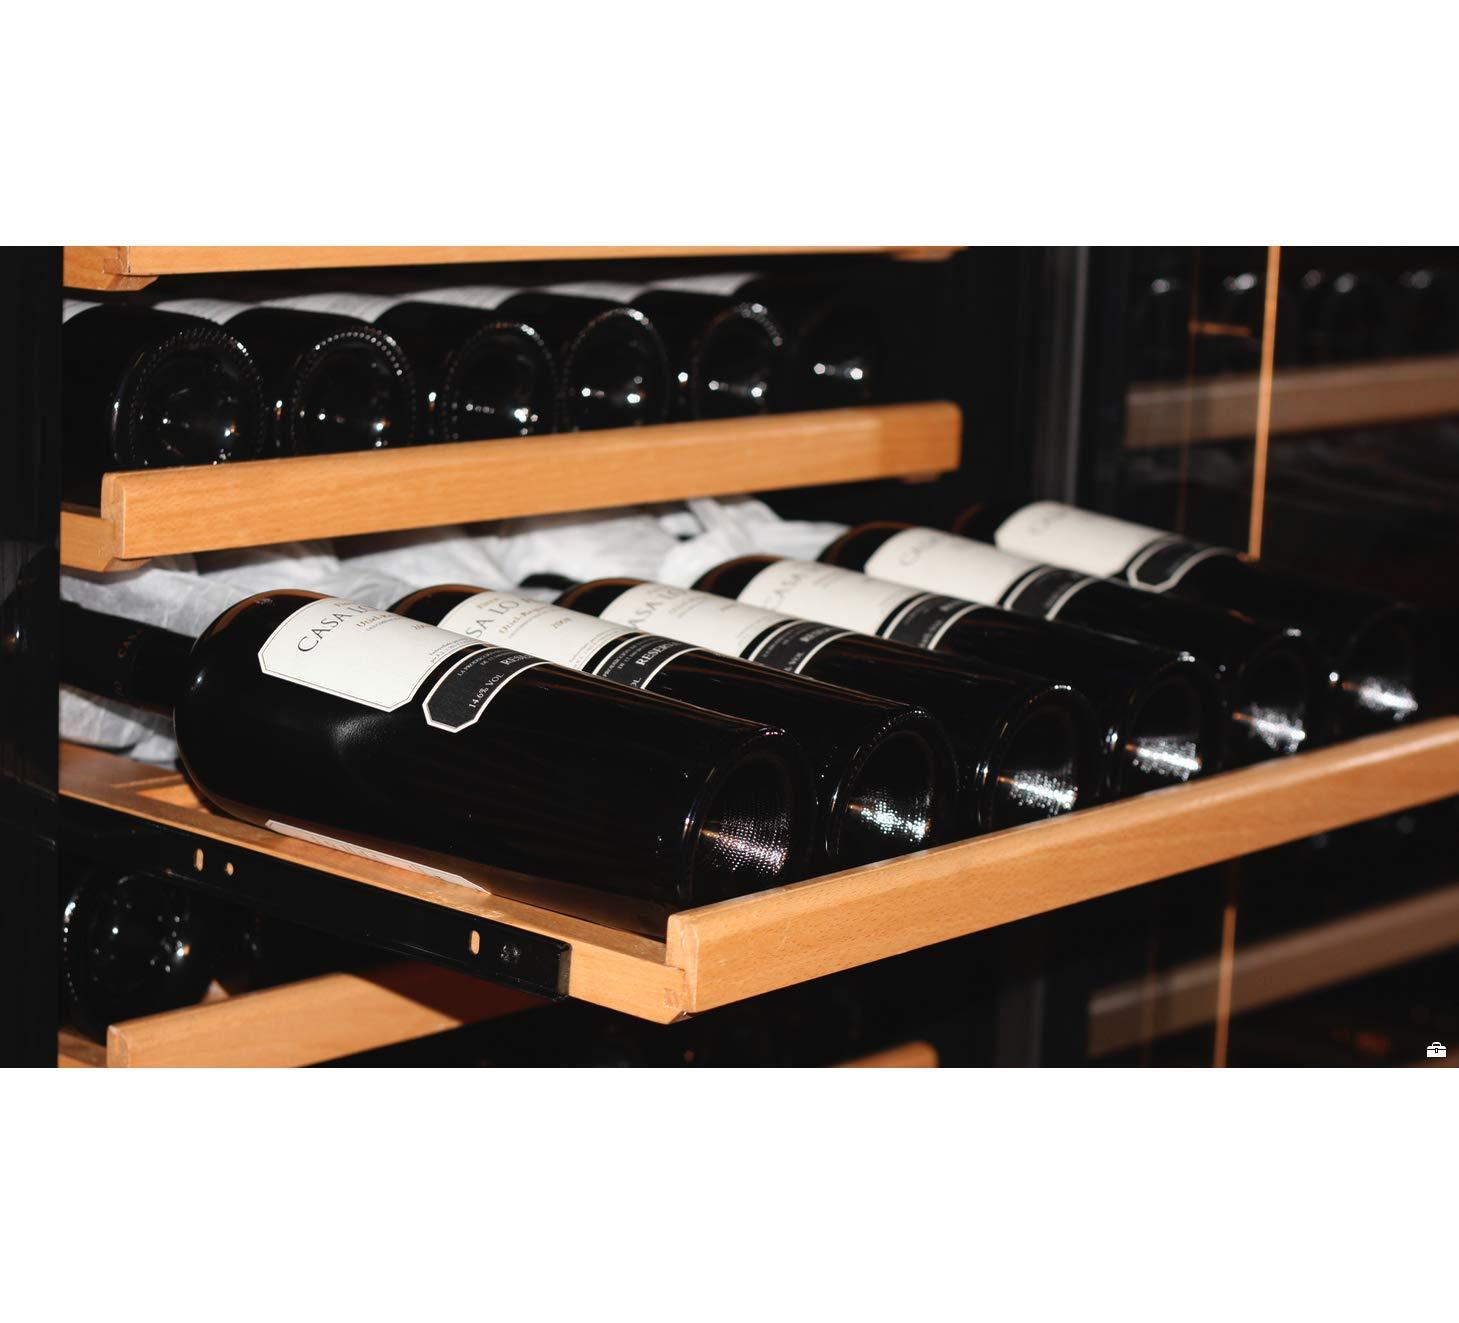 SWISSCAVE-2-Zonen-Weinklimaschrank-f-210-Fl-Inkl-Lieferung-auf-Stockwerk-D-Weinkhlschrank-mit-Winterheizfunktion